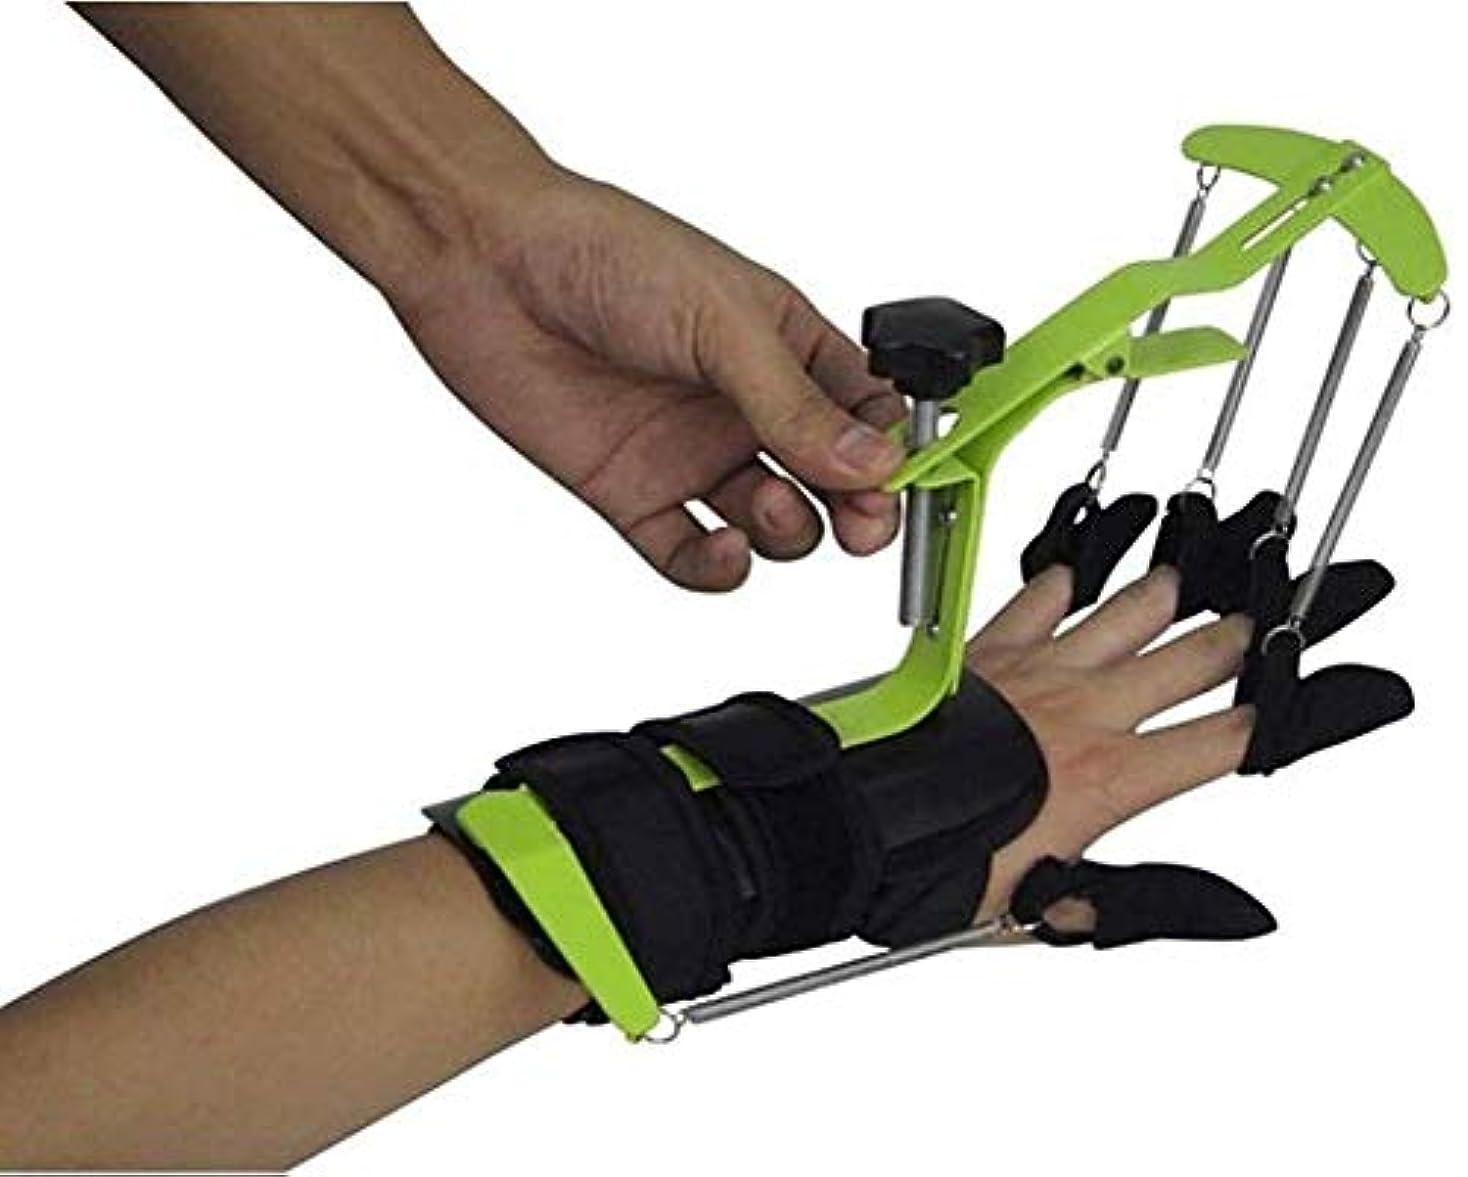 帝国アトム胃指の変形や破損指ナックル固定化のためのフィンガートレーニング機器フィンガー矯正ブレースガードプロテクターリハビリトレーニングデバイス動的フィンガースプリント、指のトレーニングデバイスフィンガースプリント